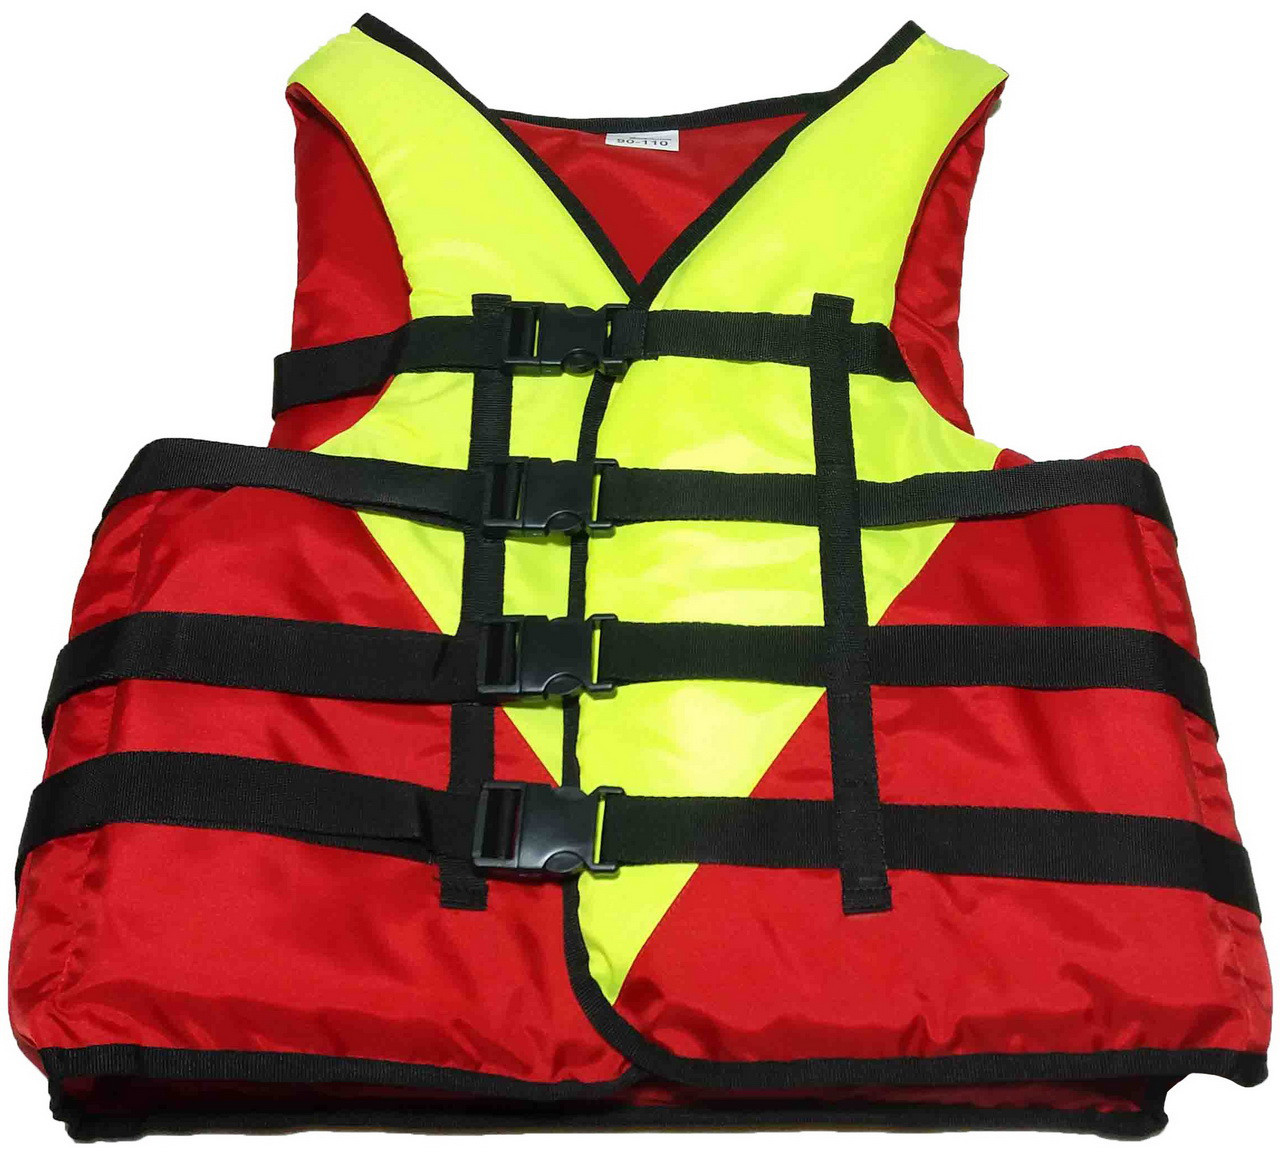 Спасательный жилет (вес 90-110 кг)